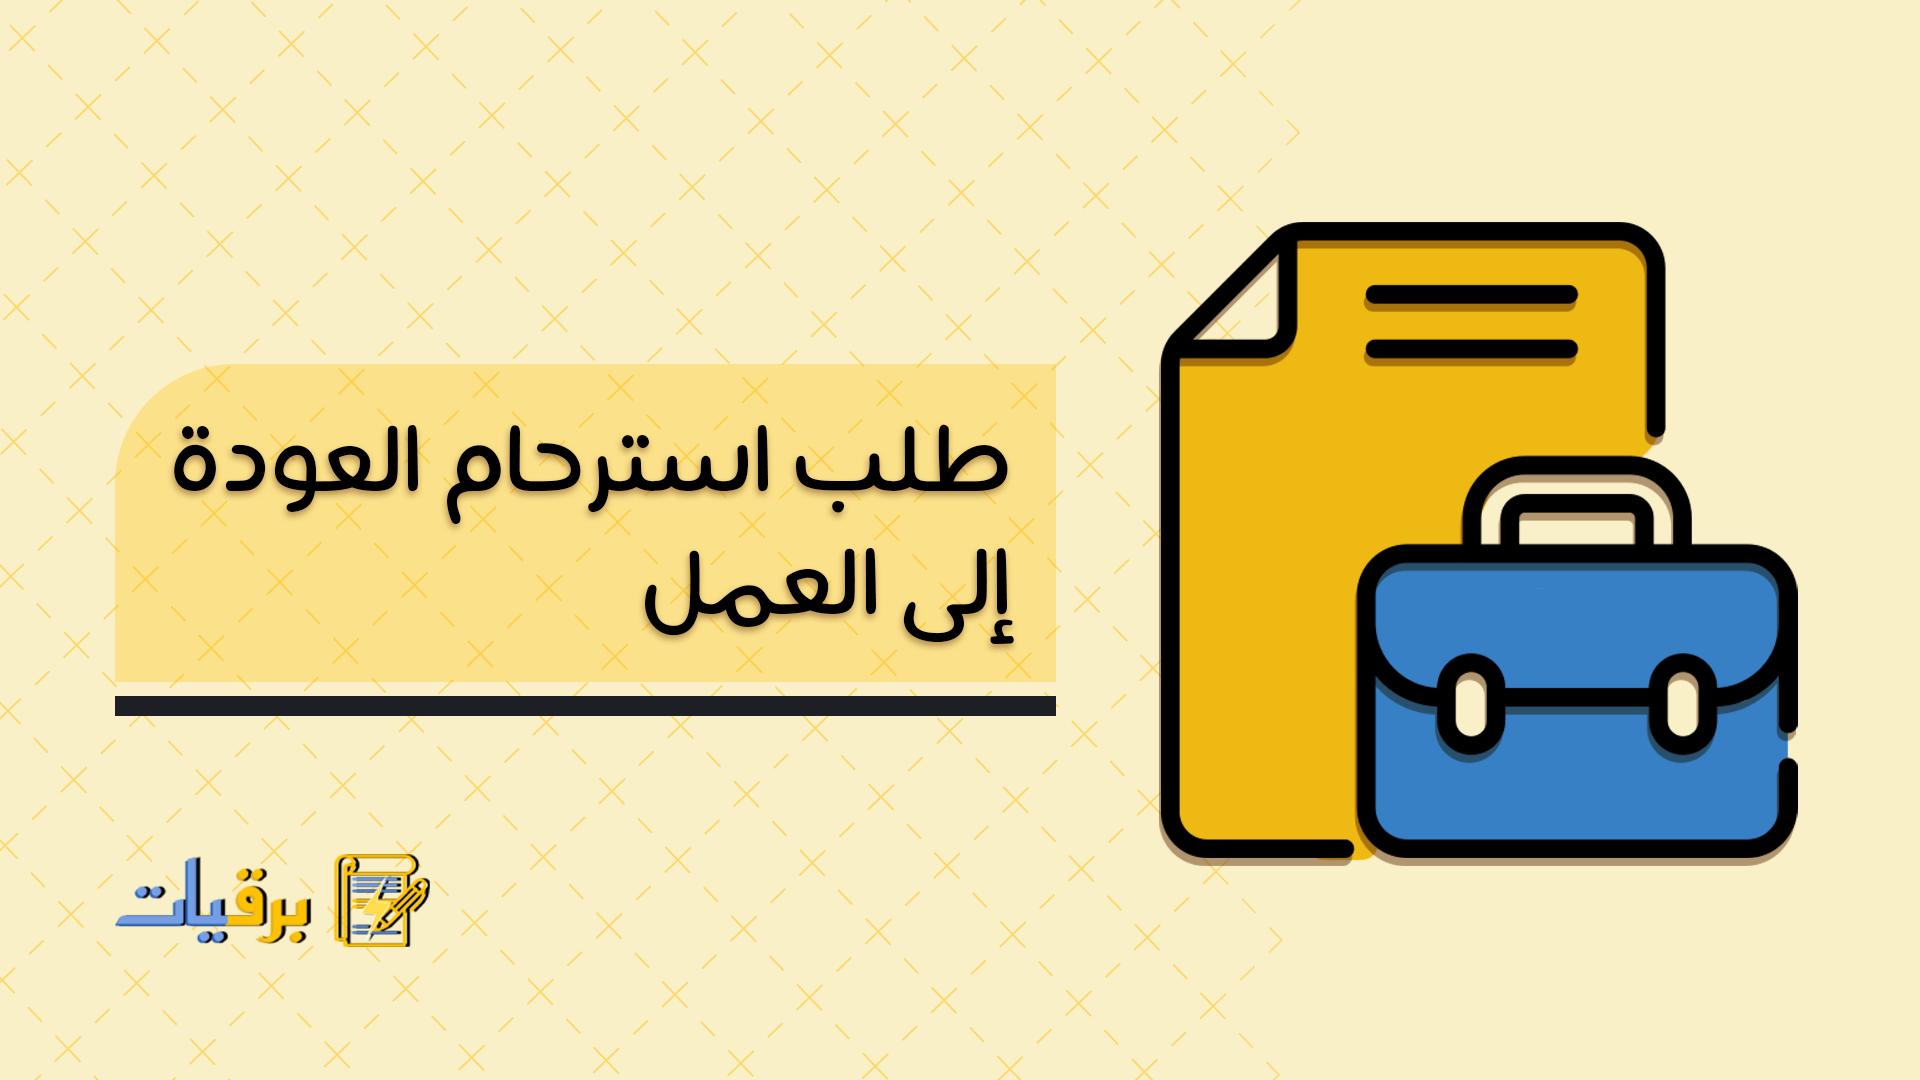 نموذج طلب استرحام عودة للعمل نماذج بالعربي